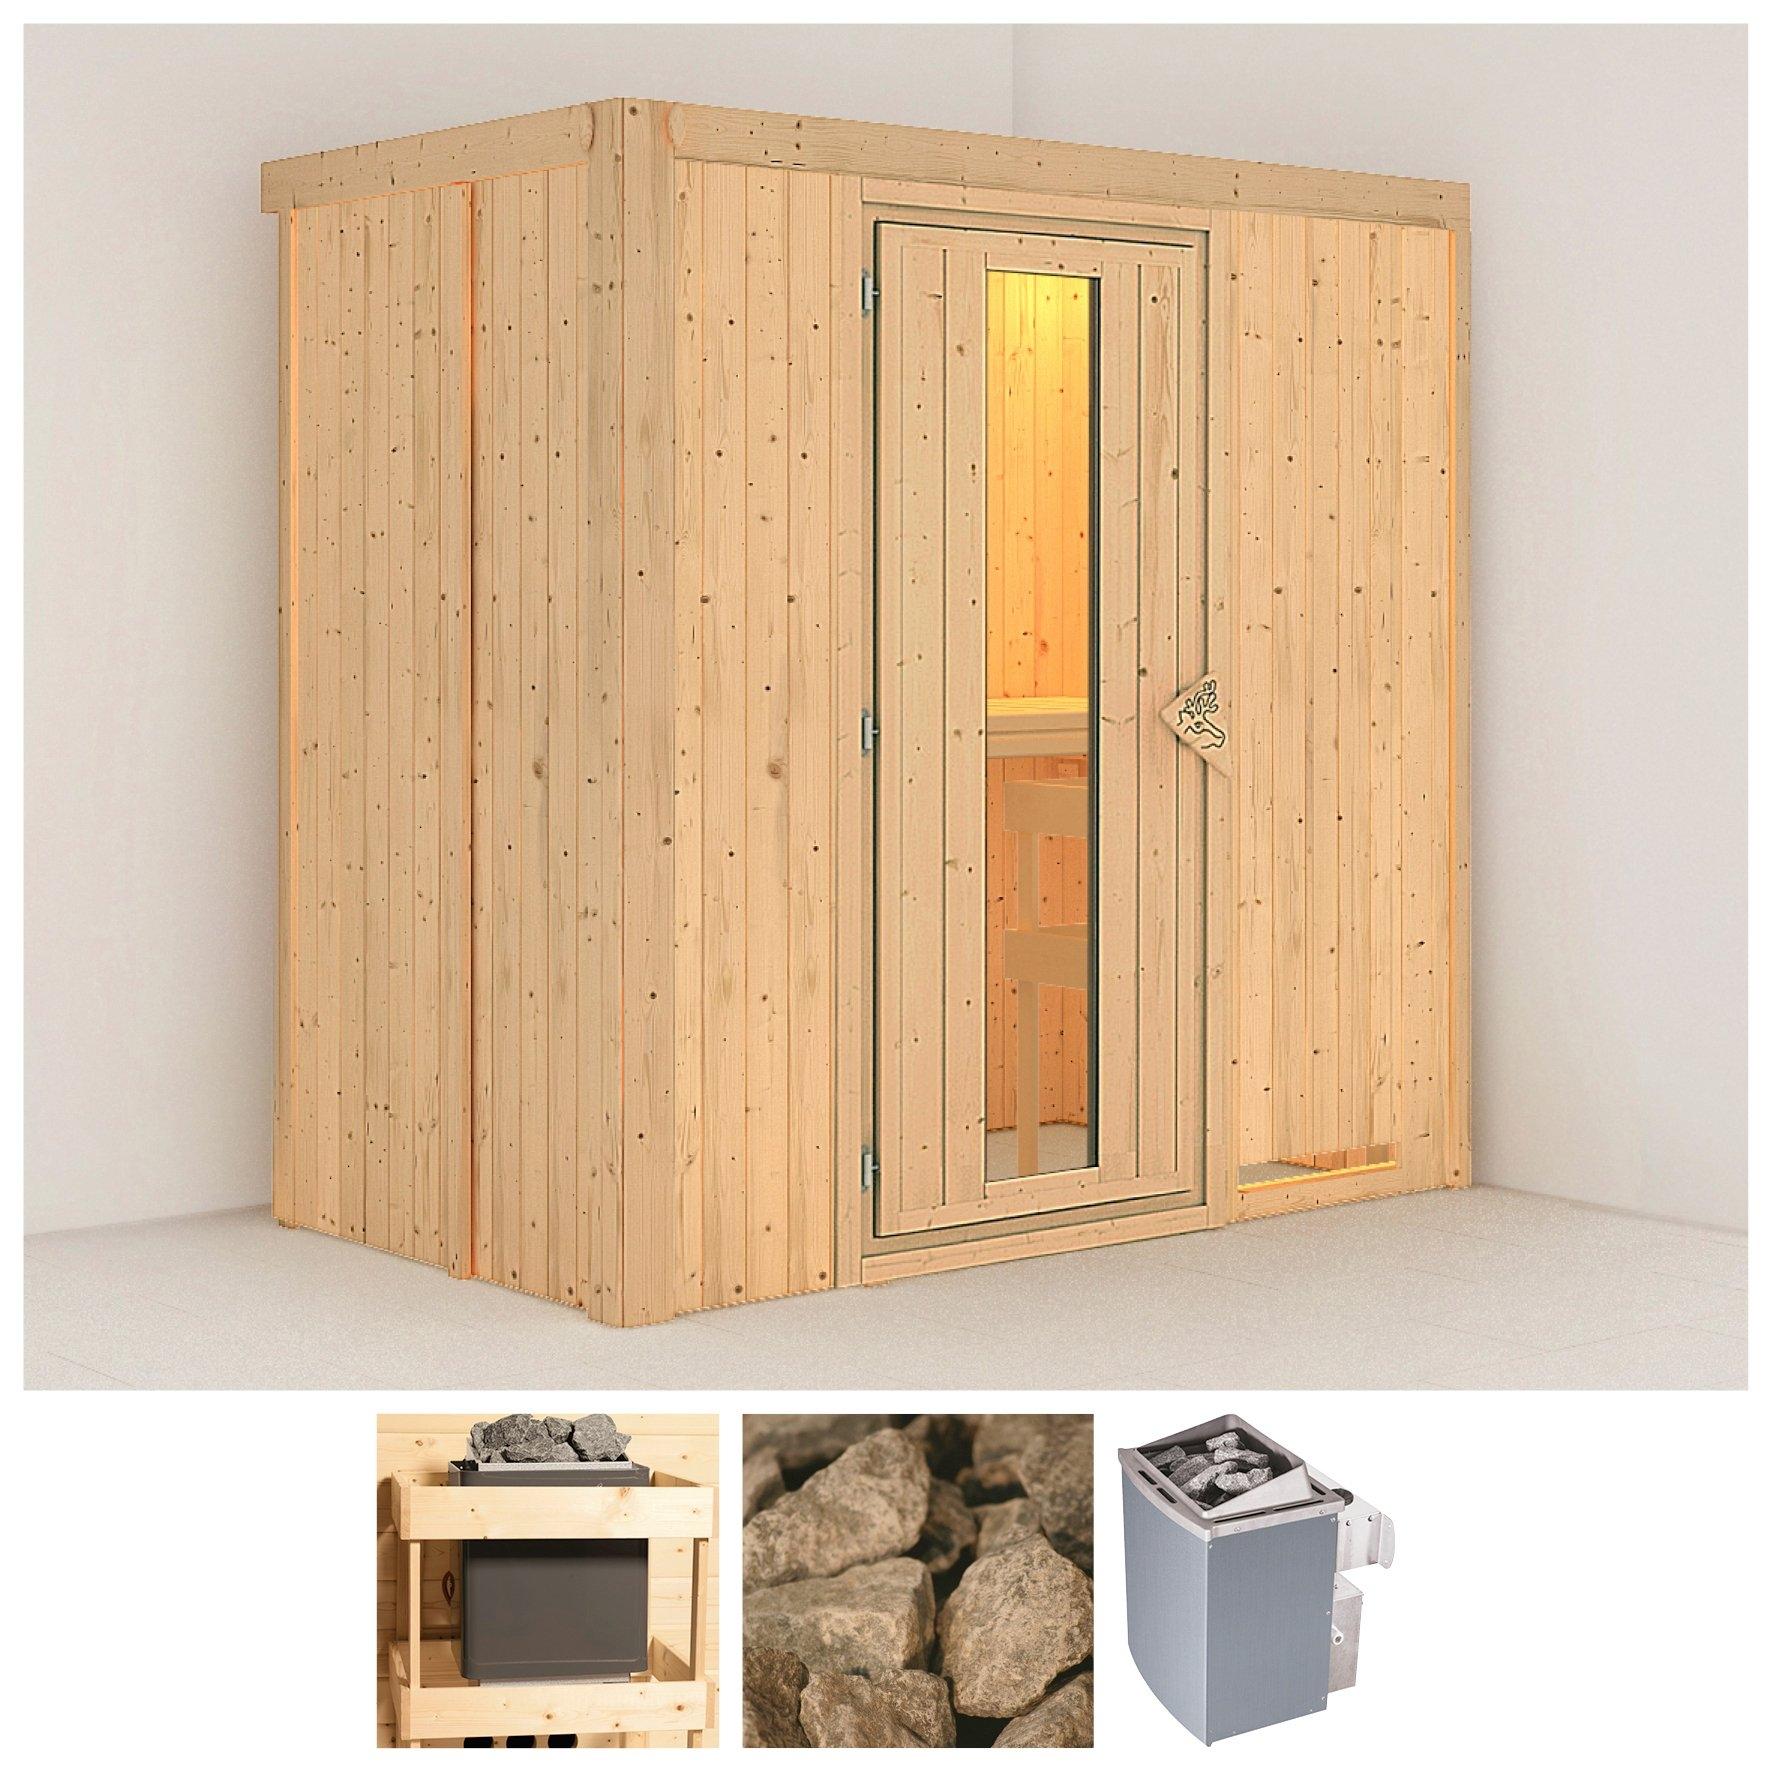 KONIFERA sauna »Variado«, 196/118/198 cm, 9-kW-Ofen mit int. Steuerung, Holztür goedkoop op otto.nl kopen